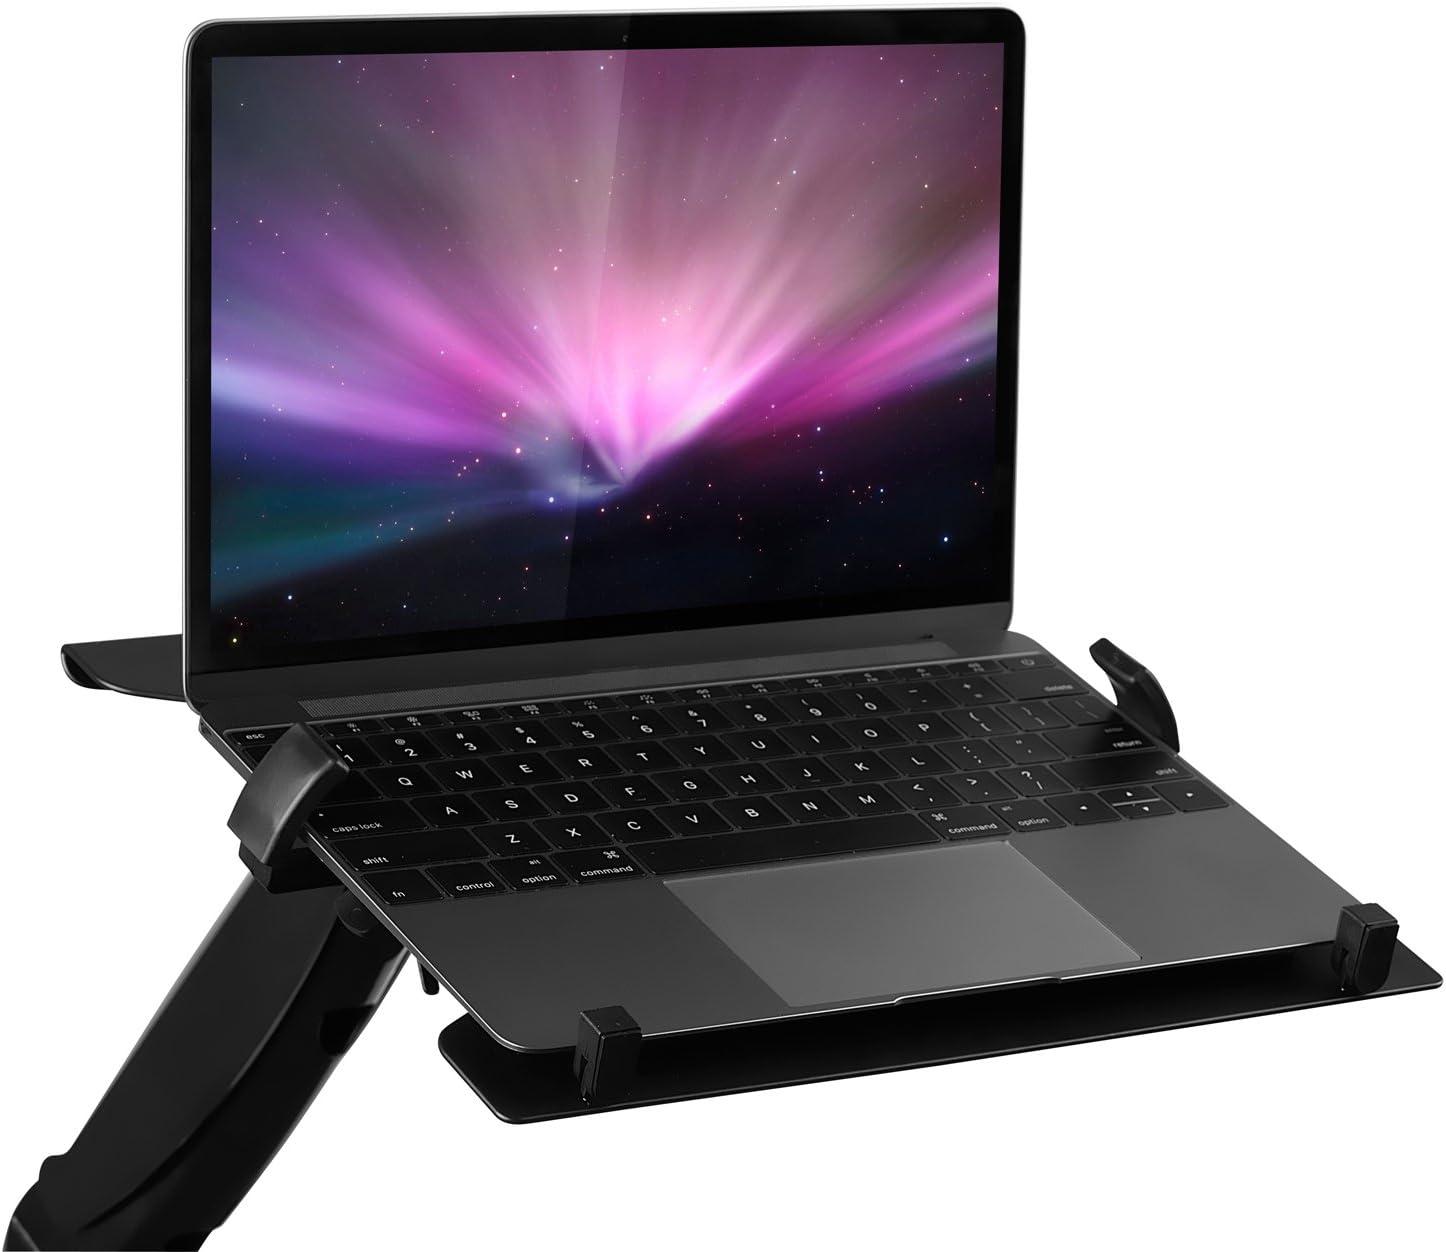 Mount It Vesa Mount For Laptop Vesa Mount Steel For Computers Accessories